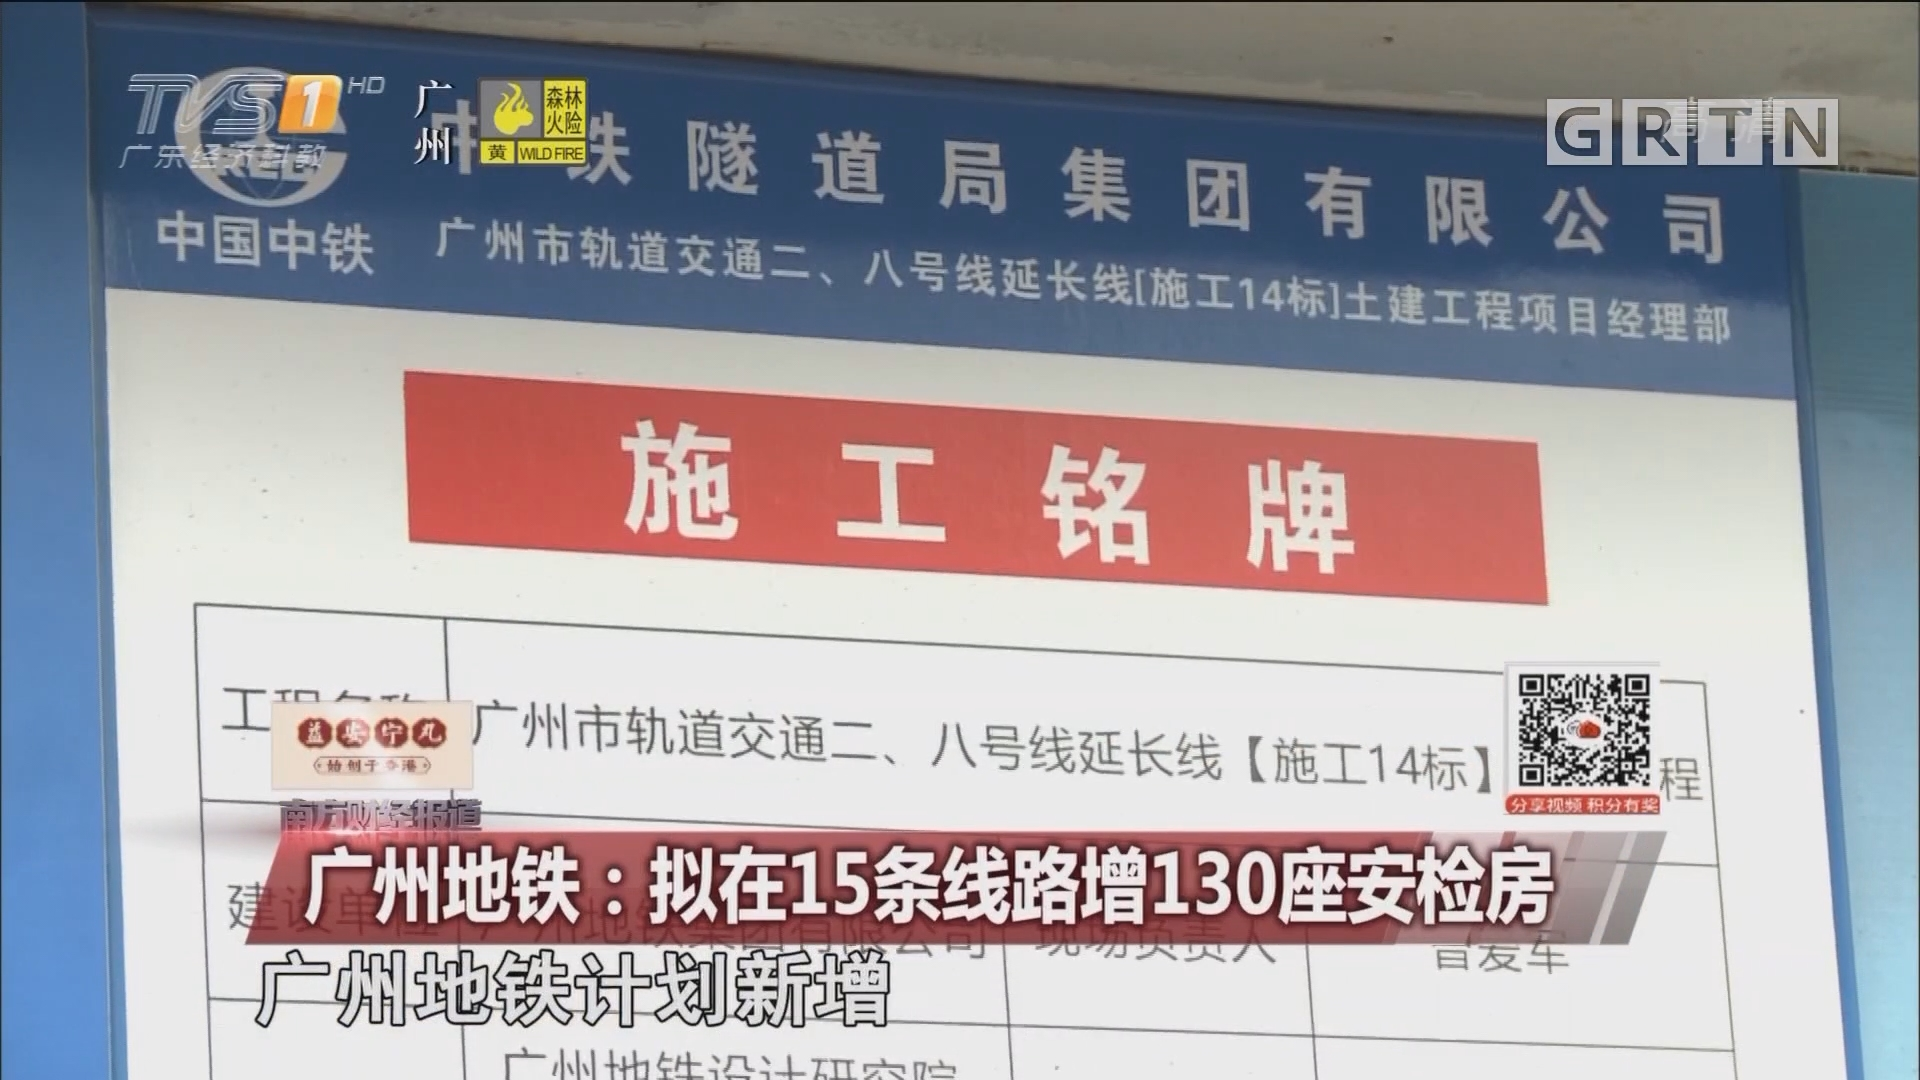 广州地铁:拟在15条线路增130座安检房